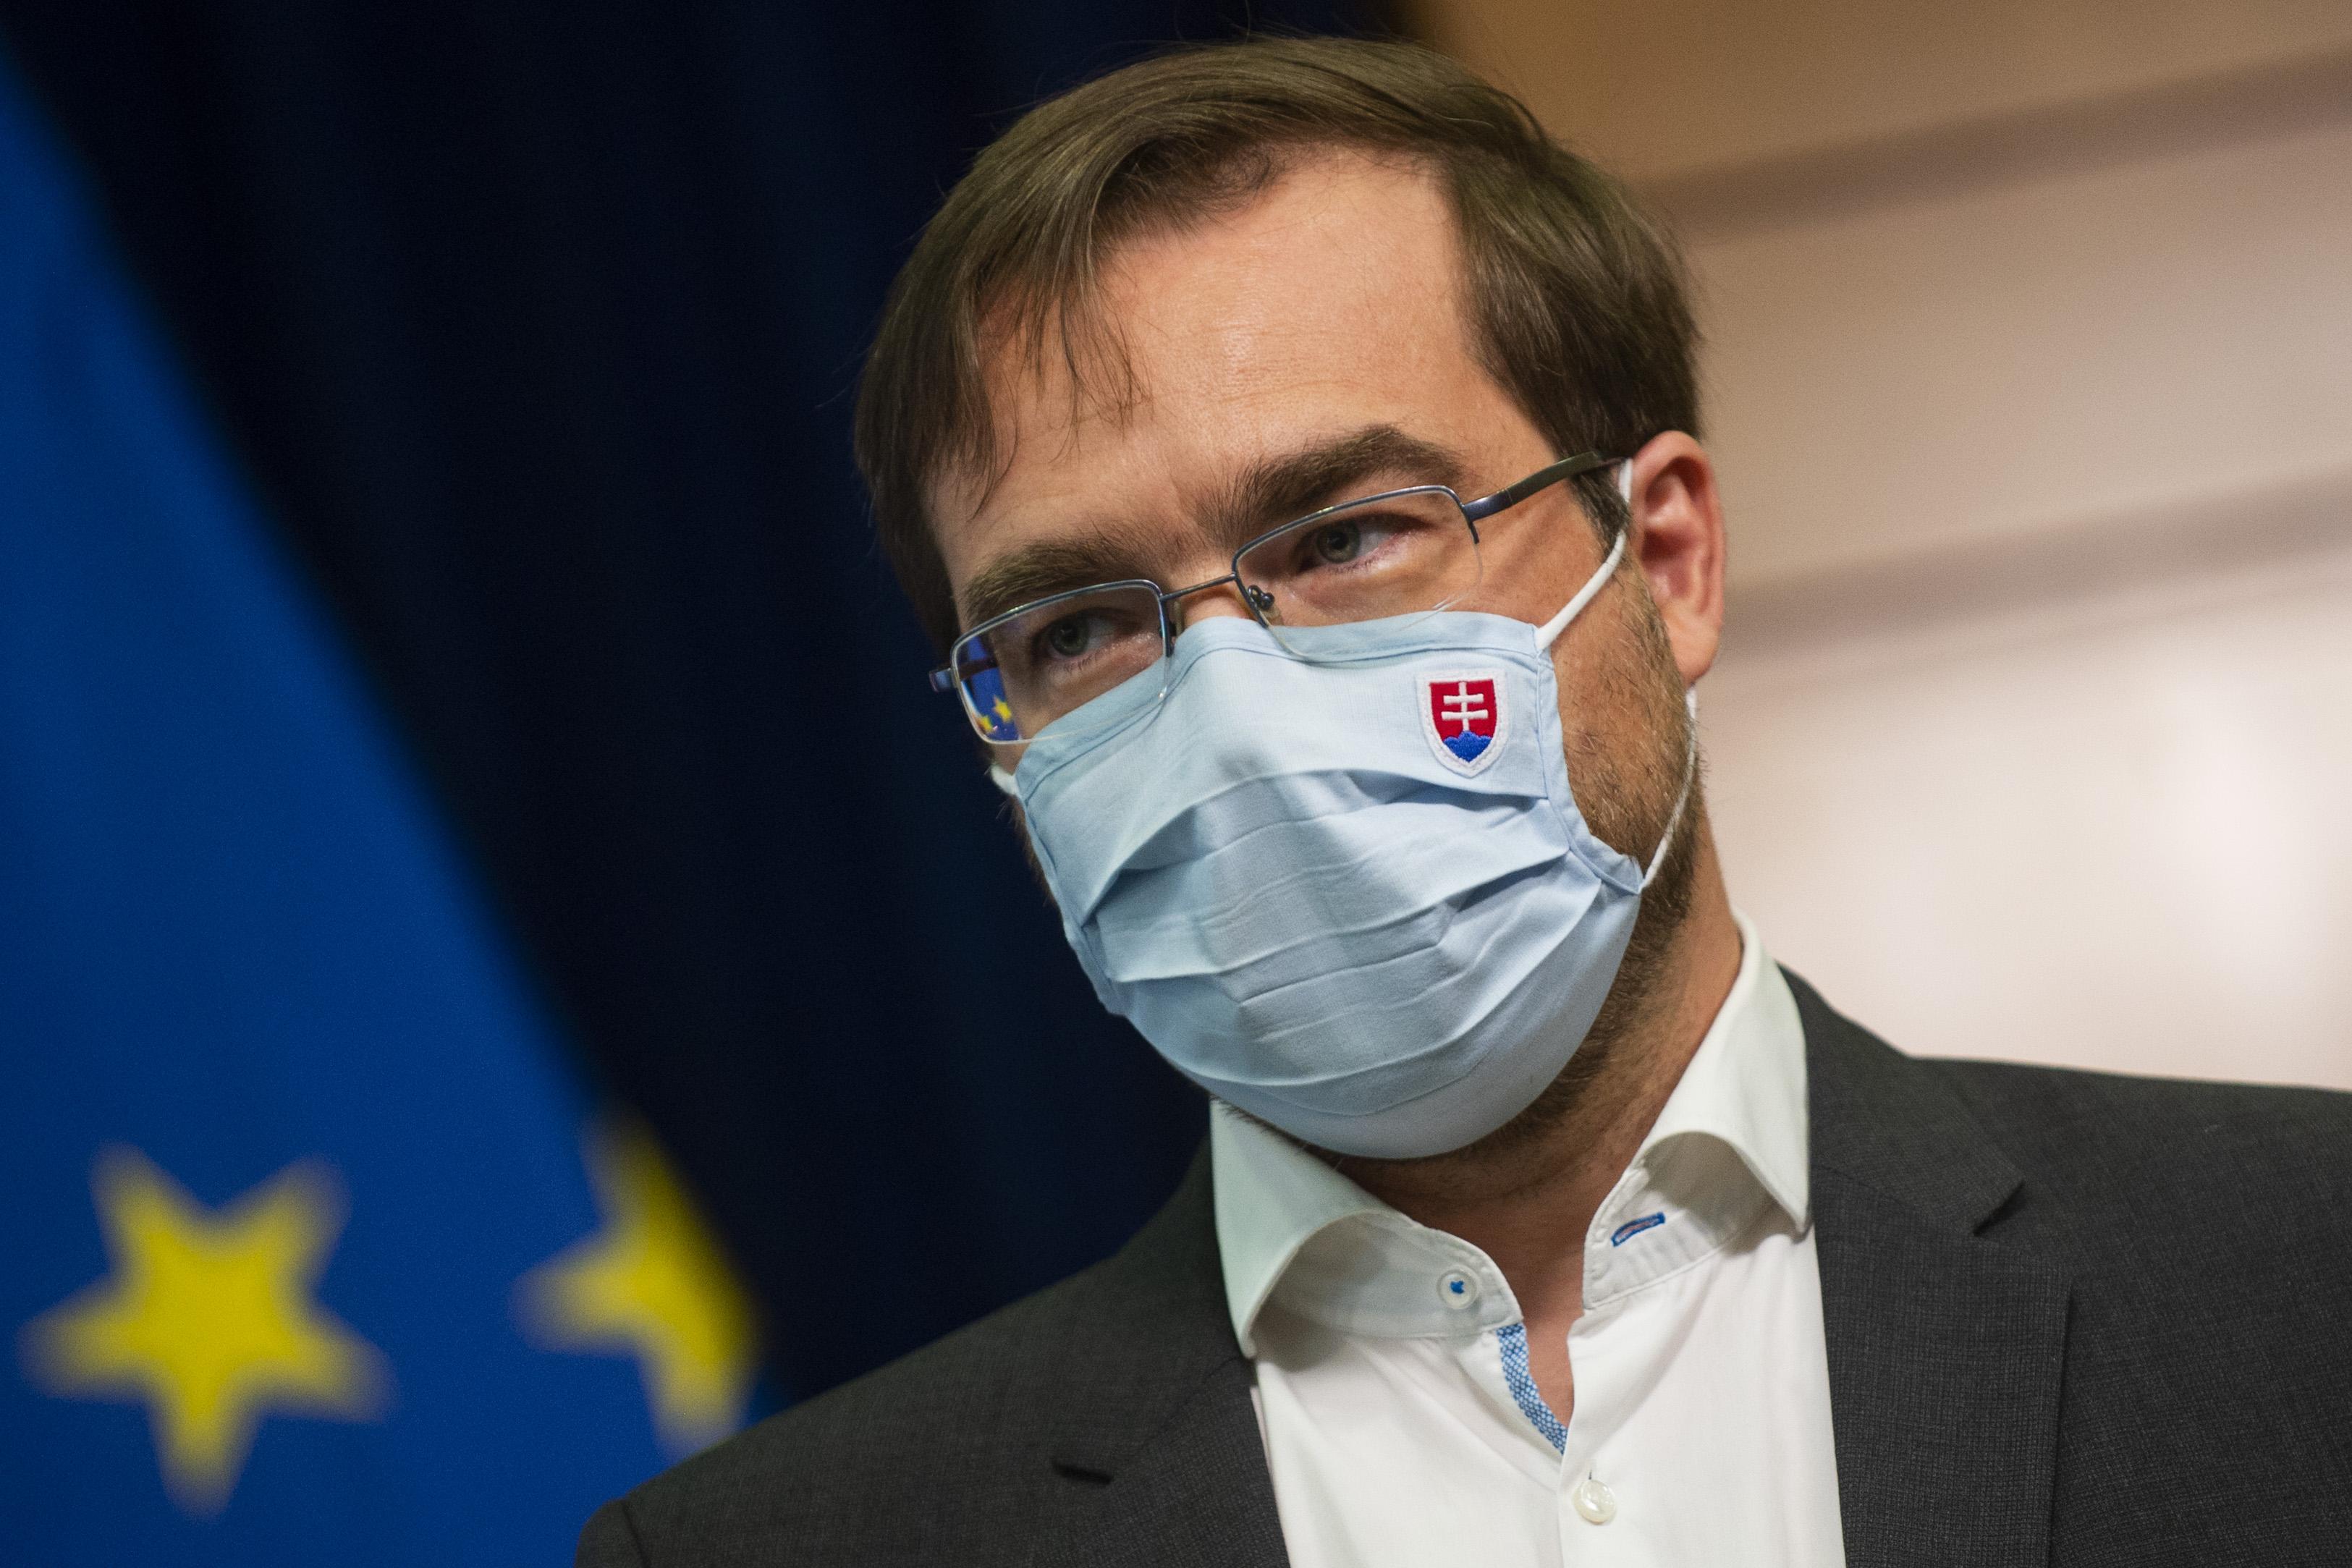 Aktuálna správa! Minister Krajči: Slovensko zasiahla druhá vlna koronavírusu